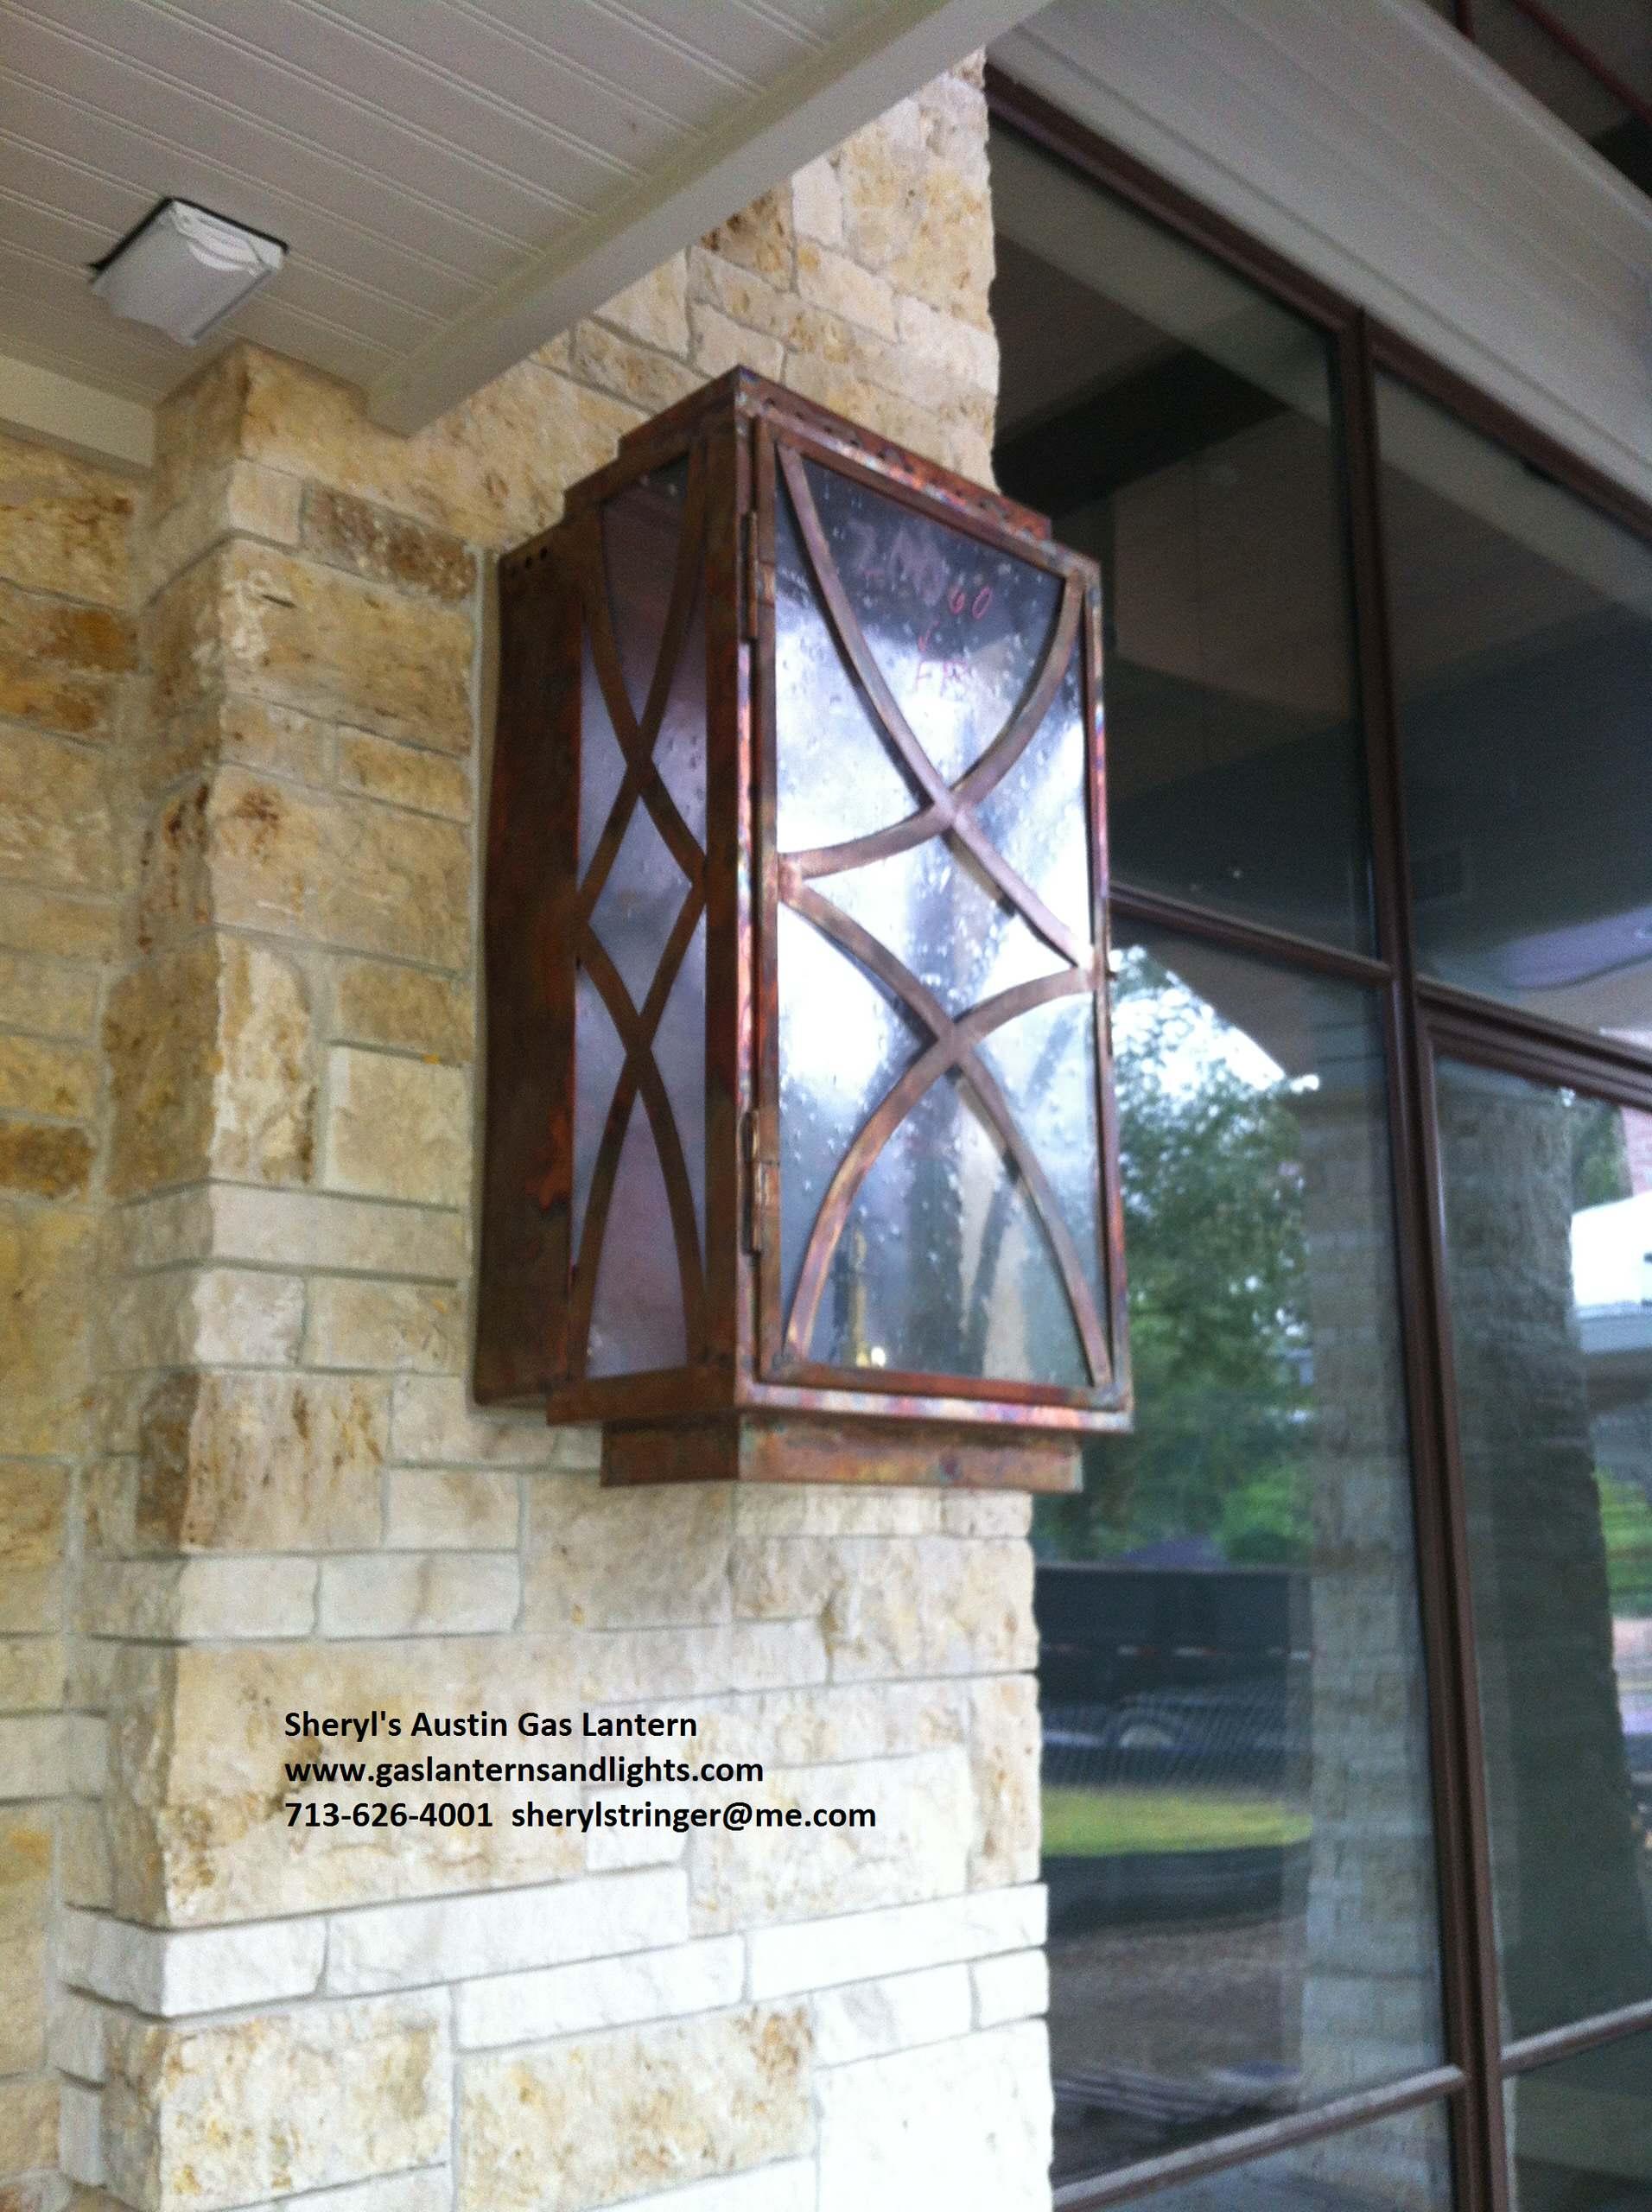 Sheryl's Austin Gas Lantern